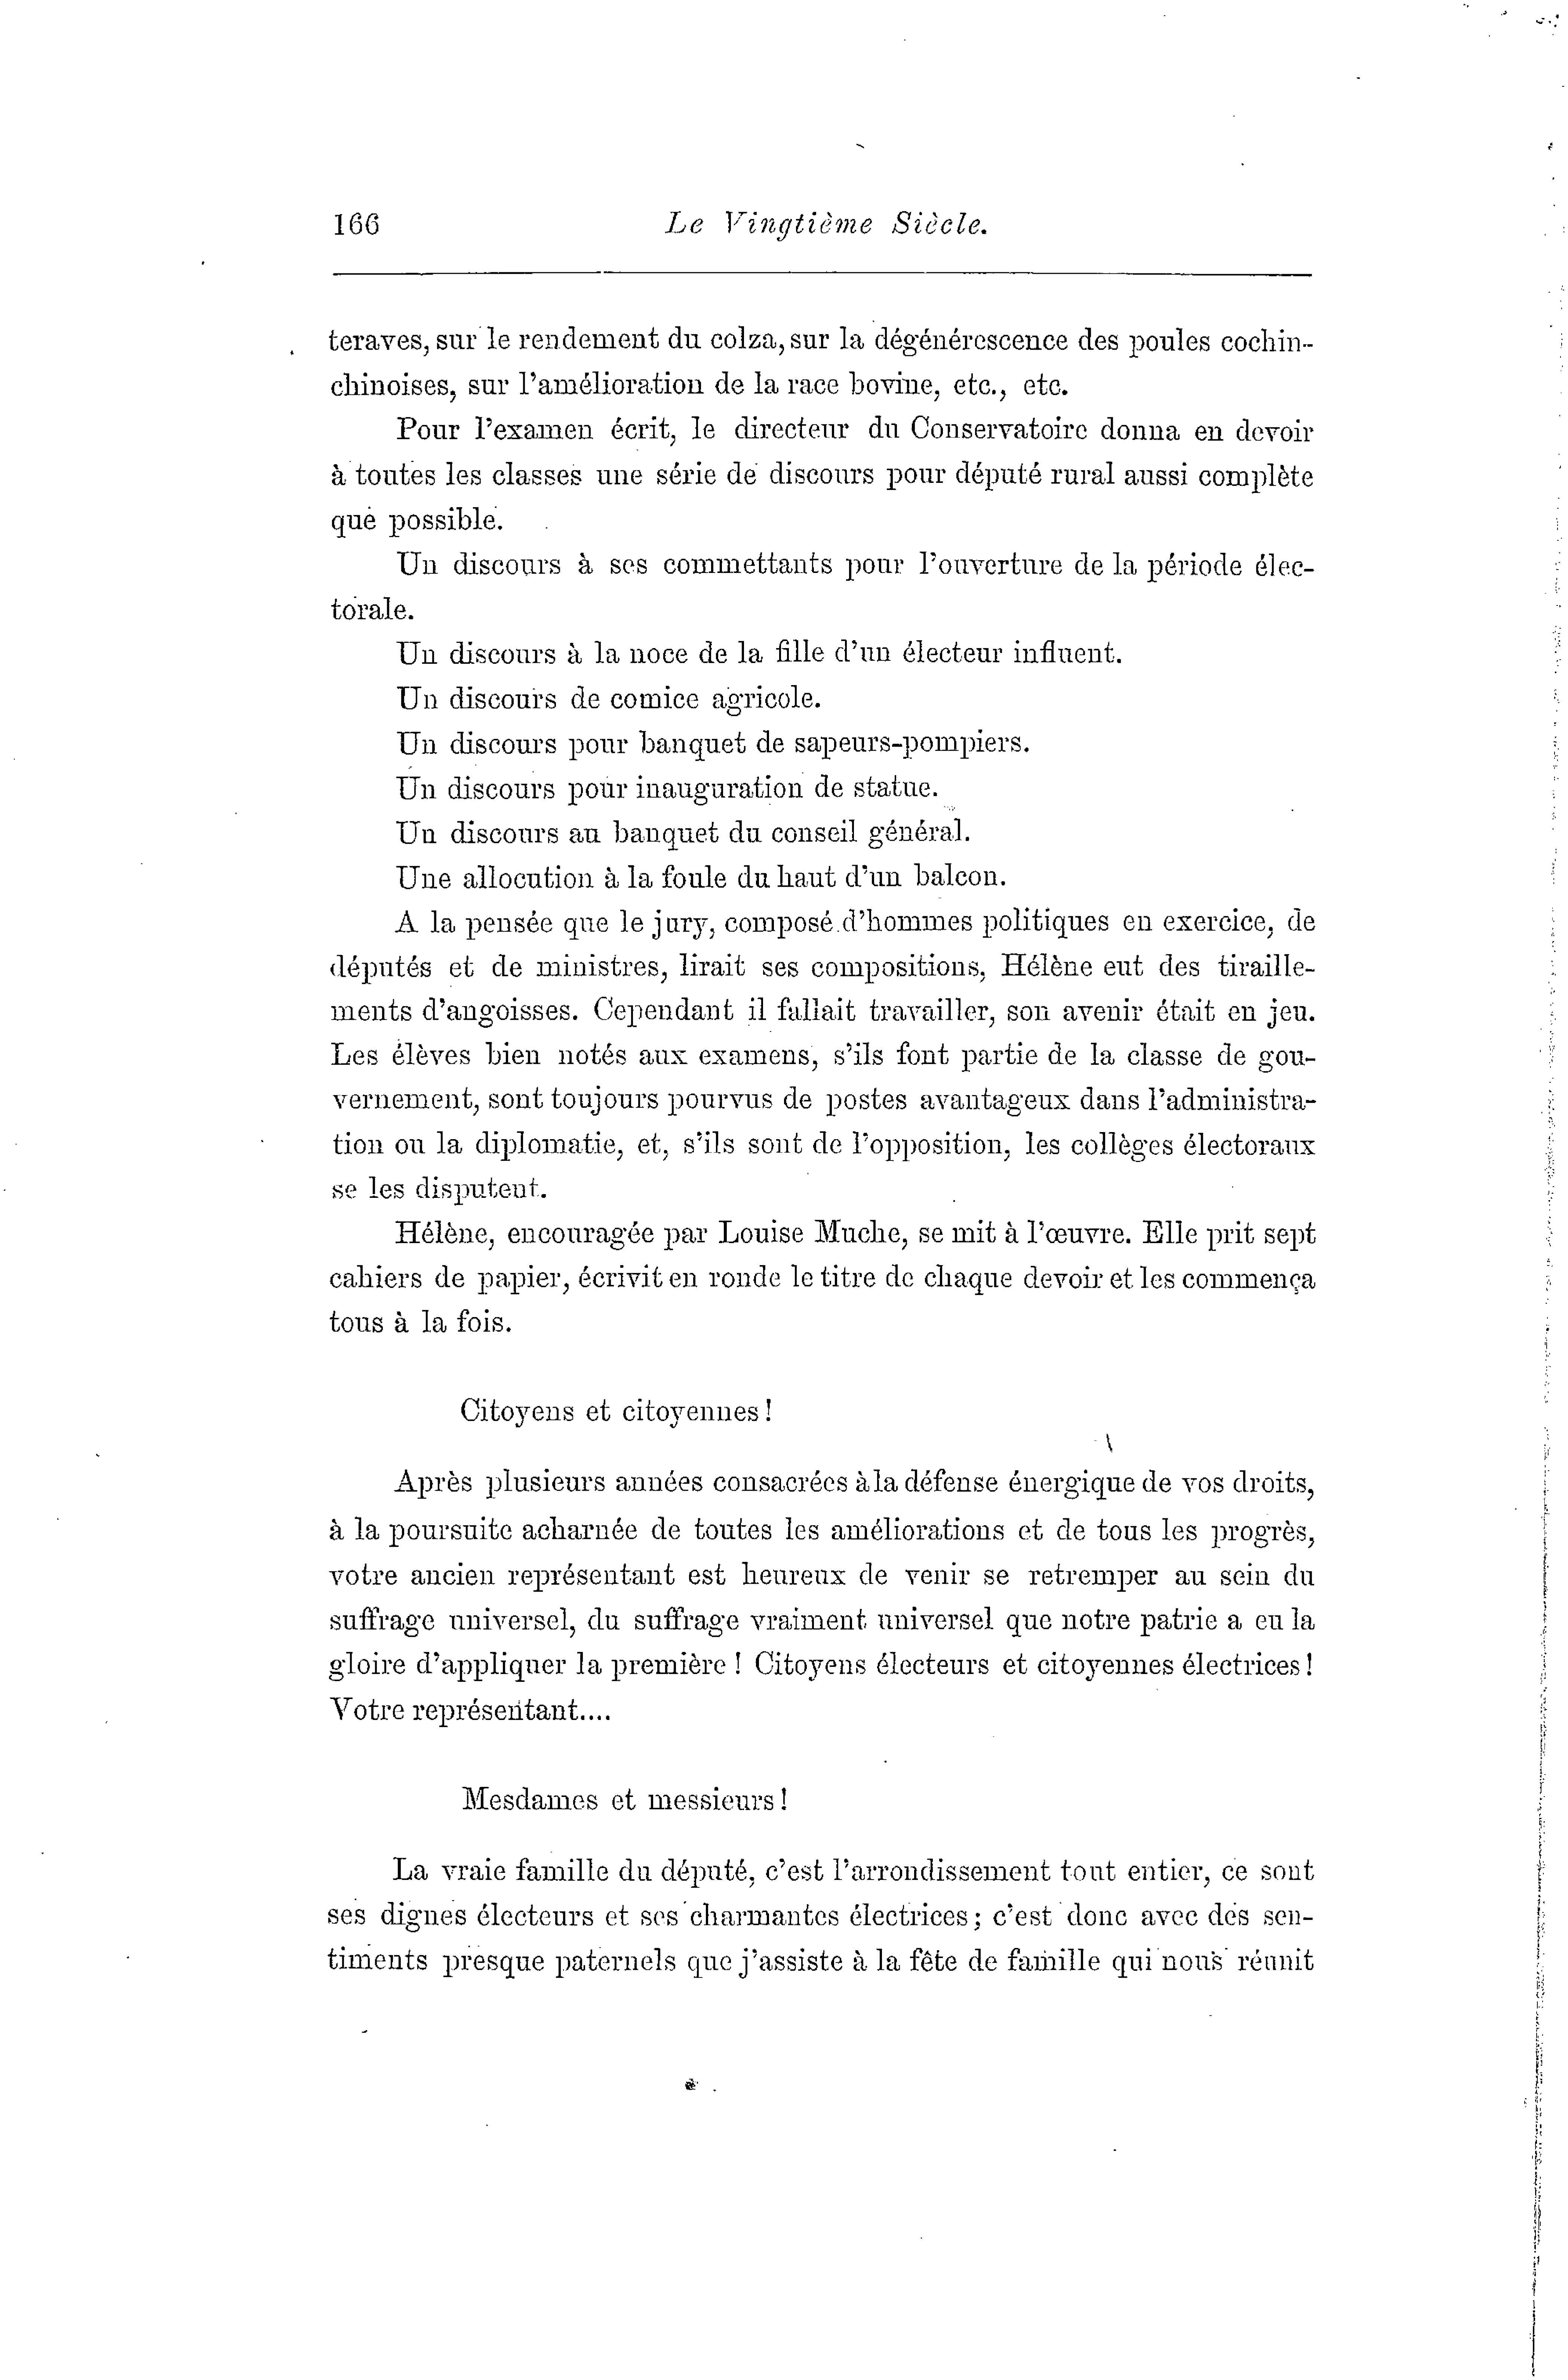 A Messieurs Les électeurs De 1816 De Sextus Pomponius Livre